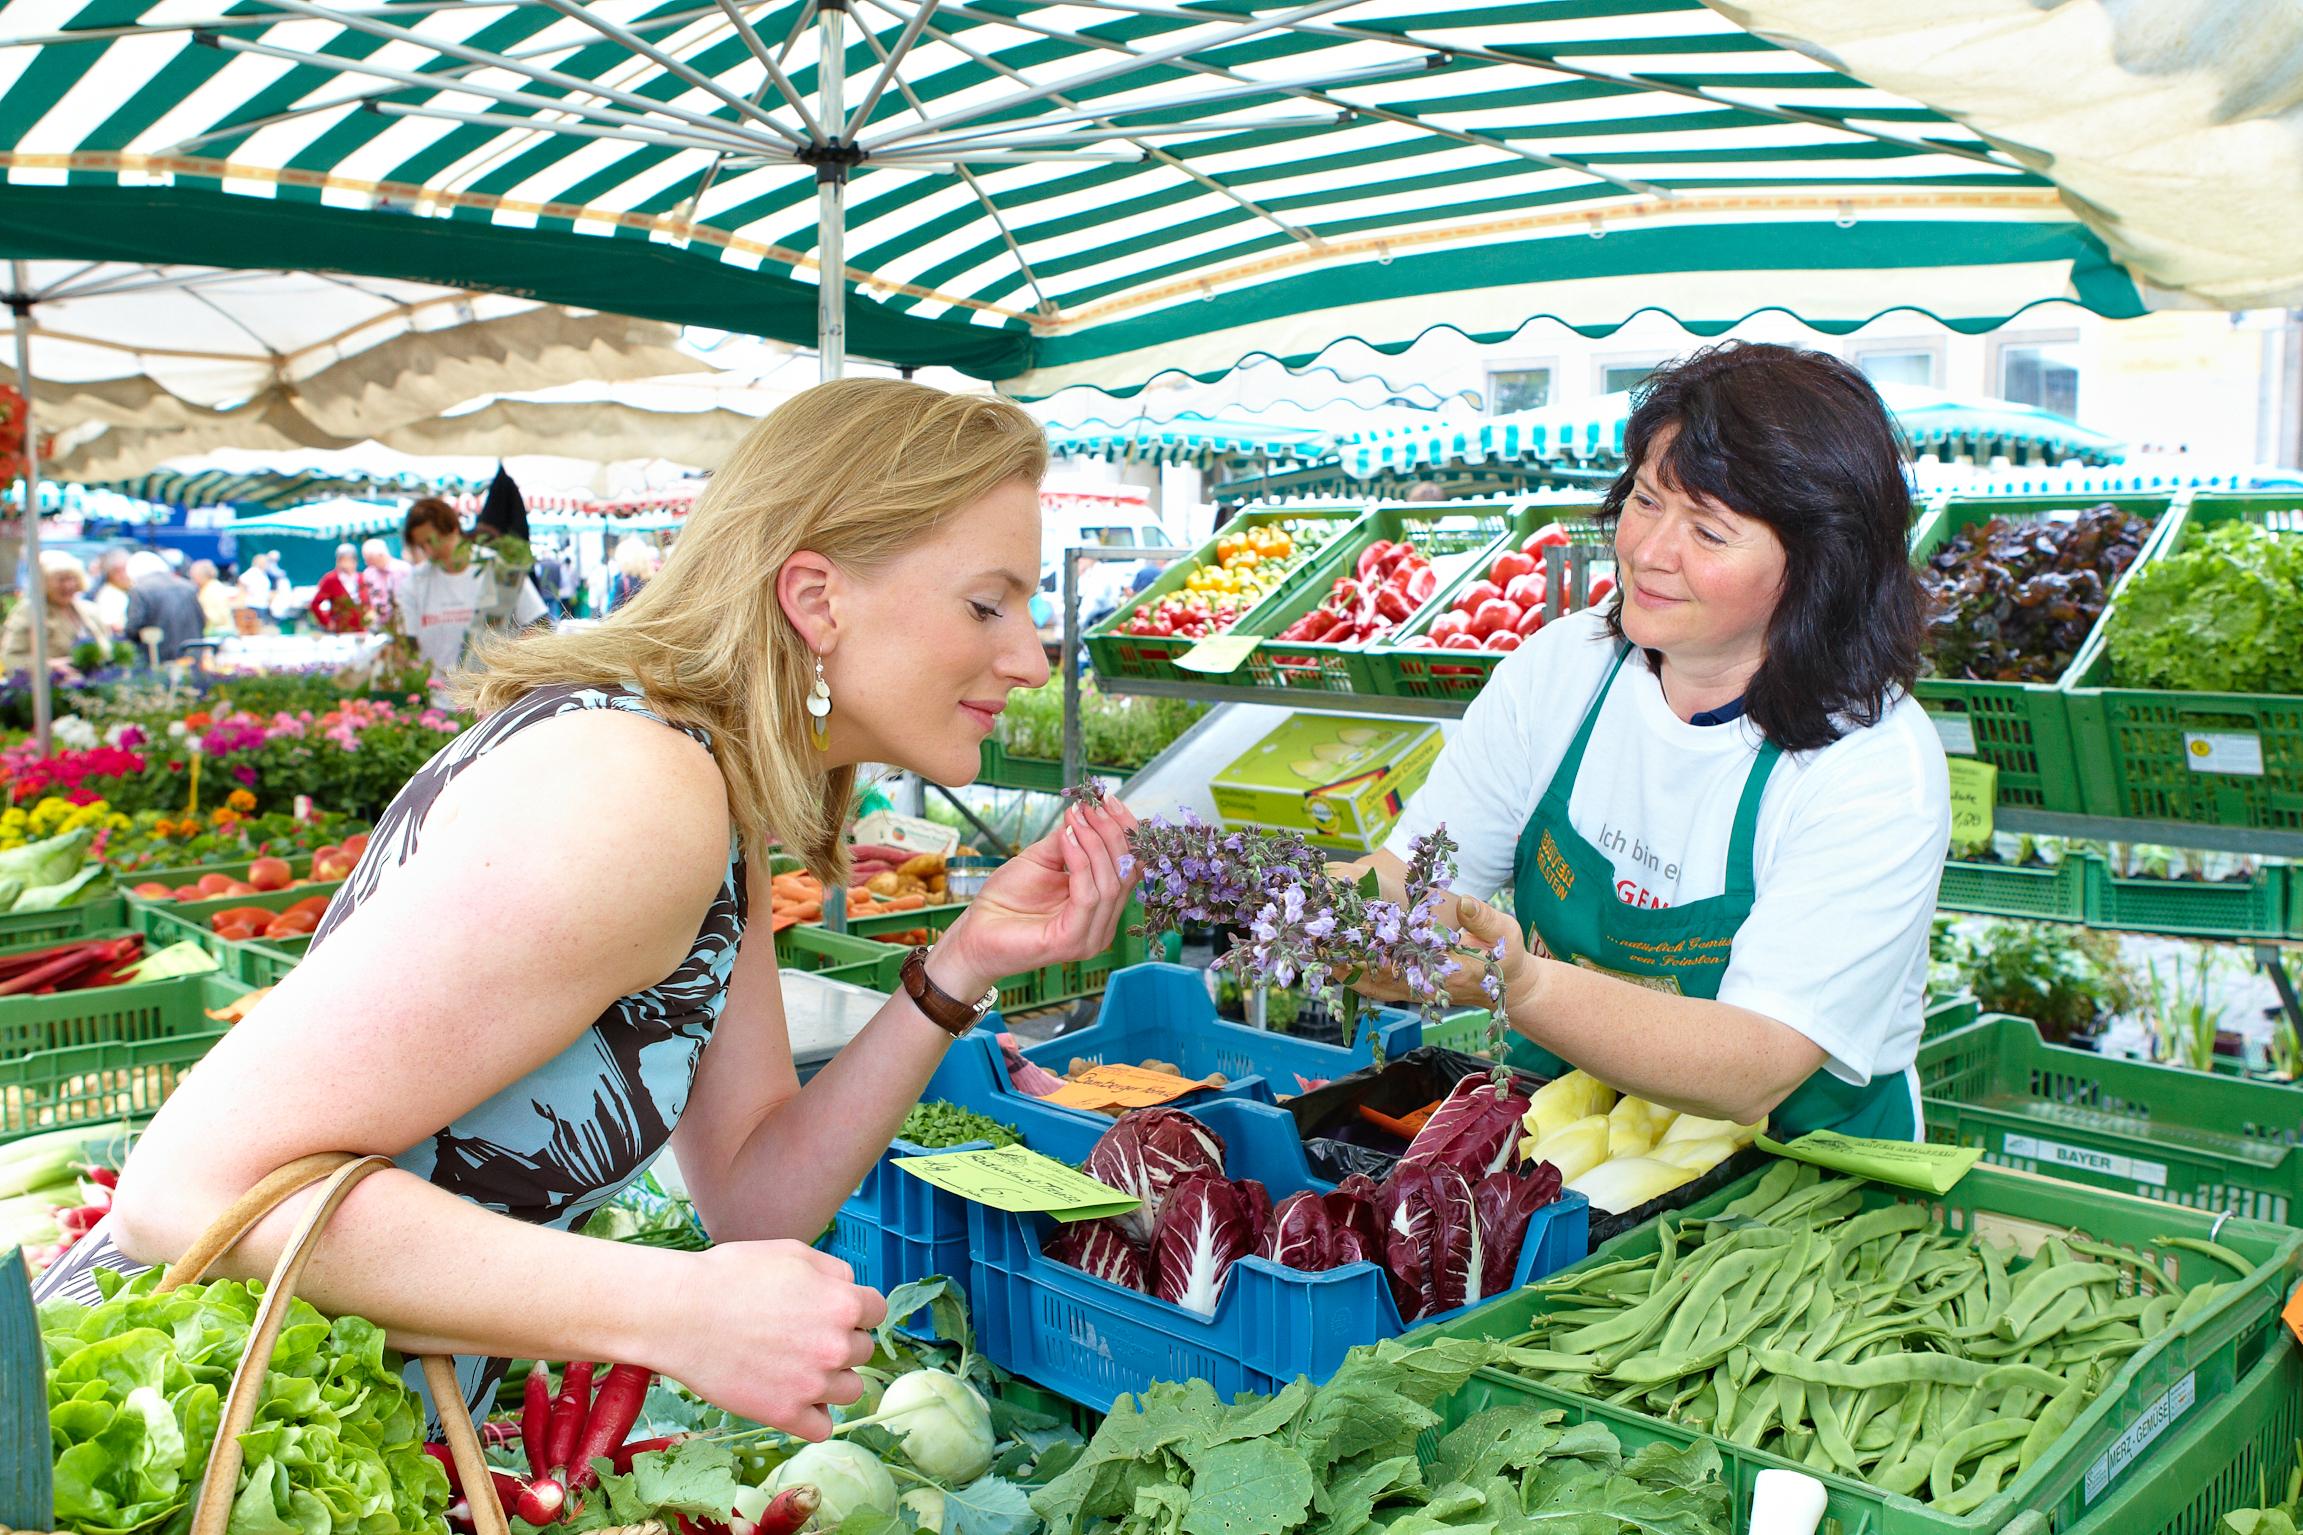 Winter ade – Vitamine willkommen: frische Salate und Kräuter aus der Region